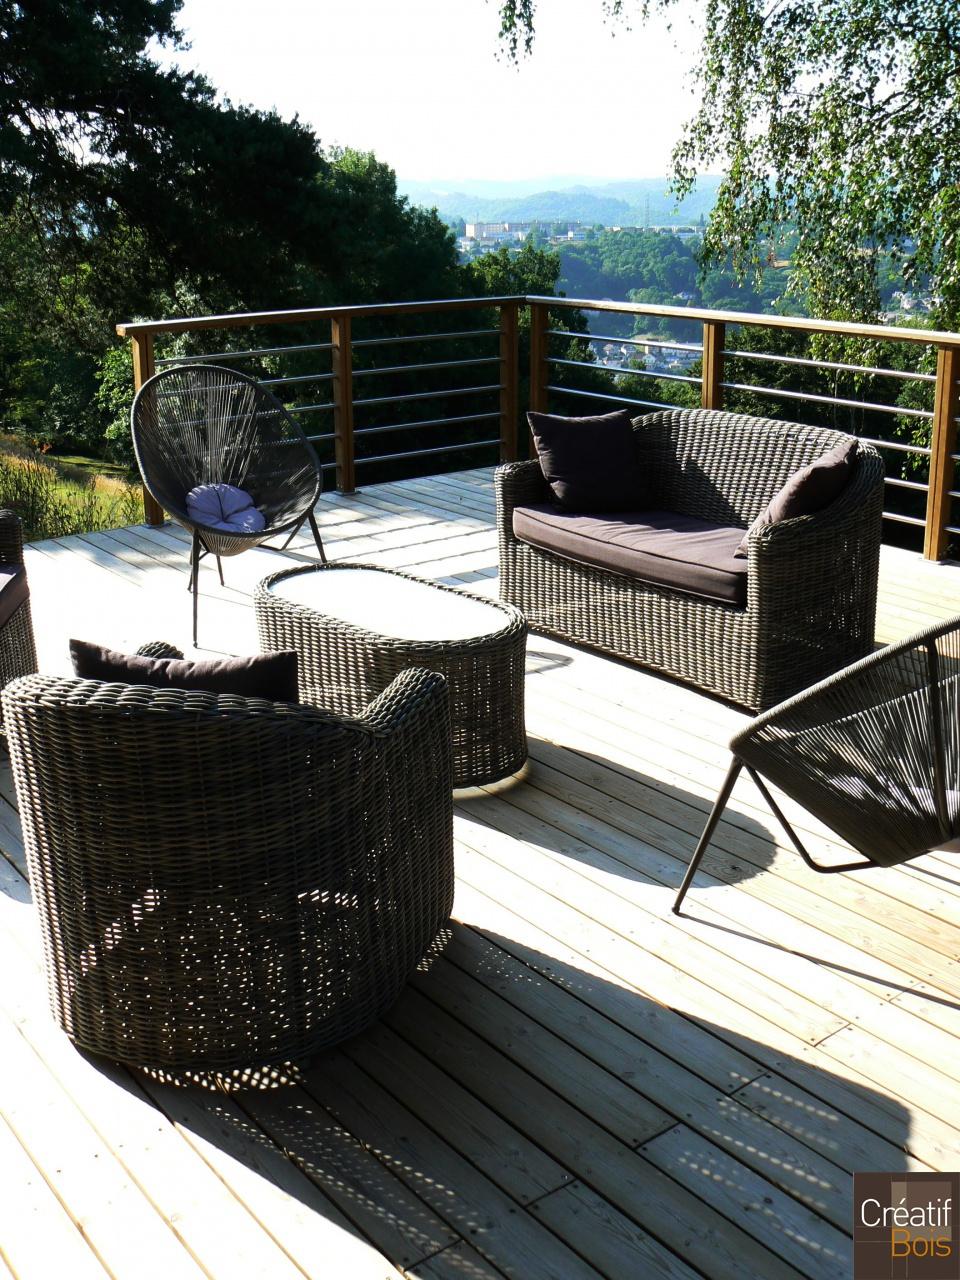 terrasse sur sol stable tulle corr ze 19 r alisations. Black Bedroom Furniture Sets. Home Design Ideas